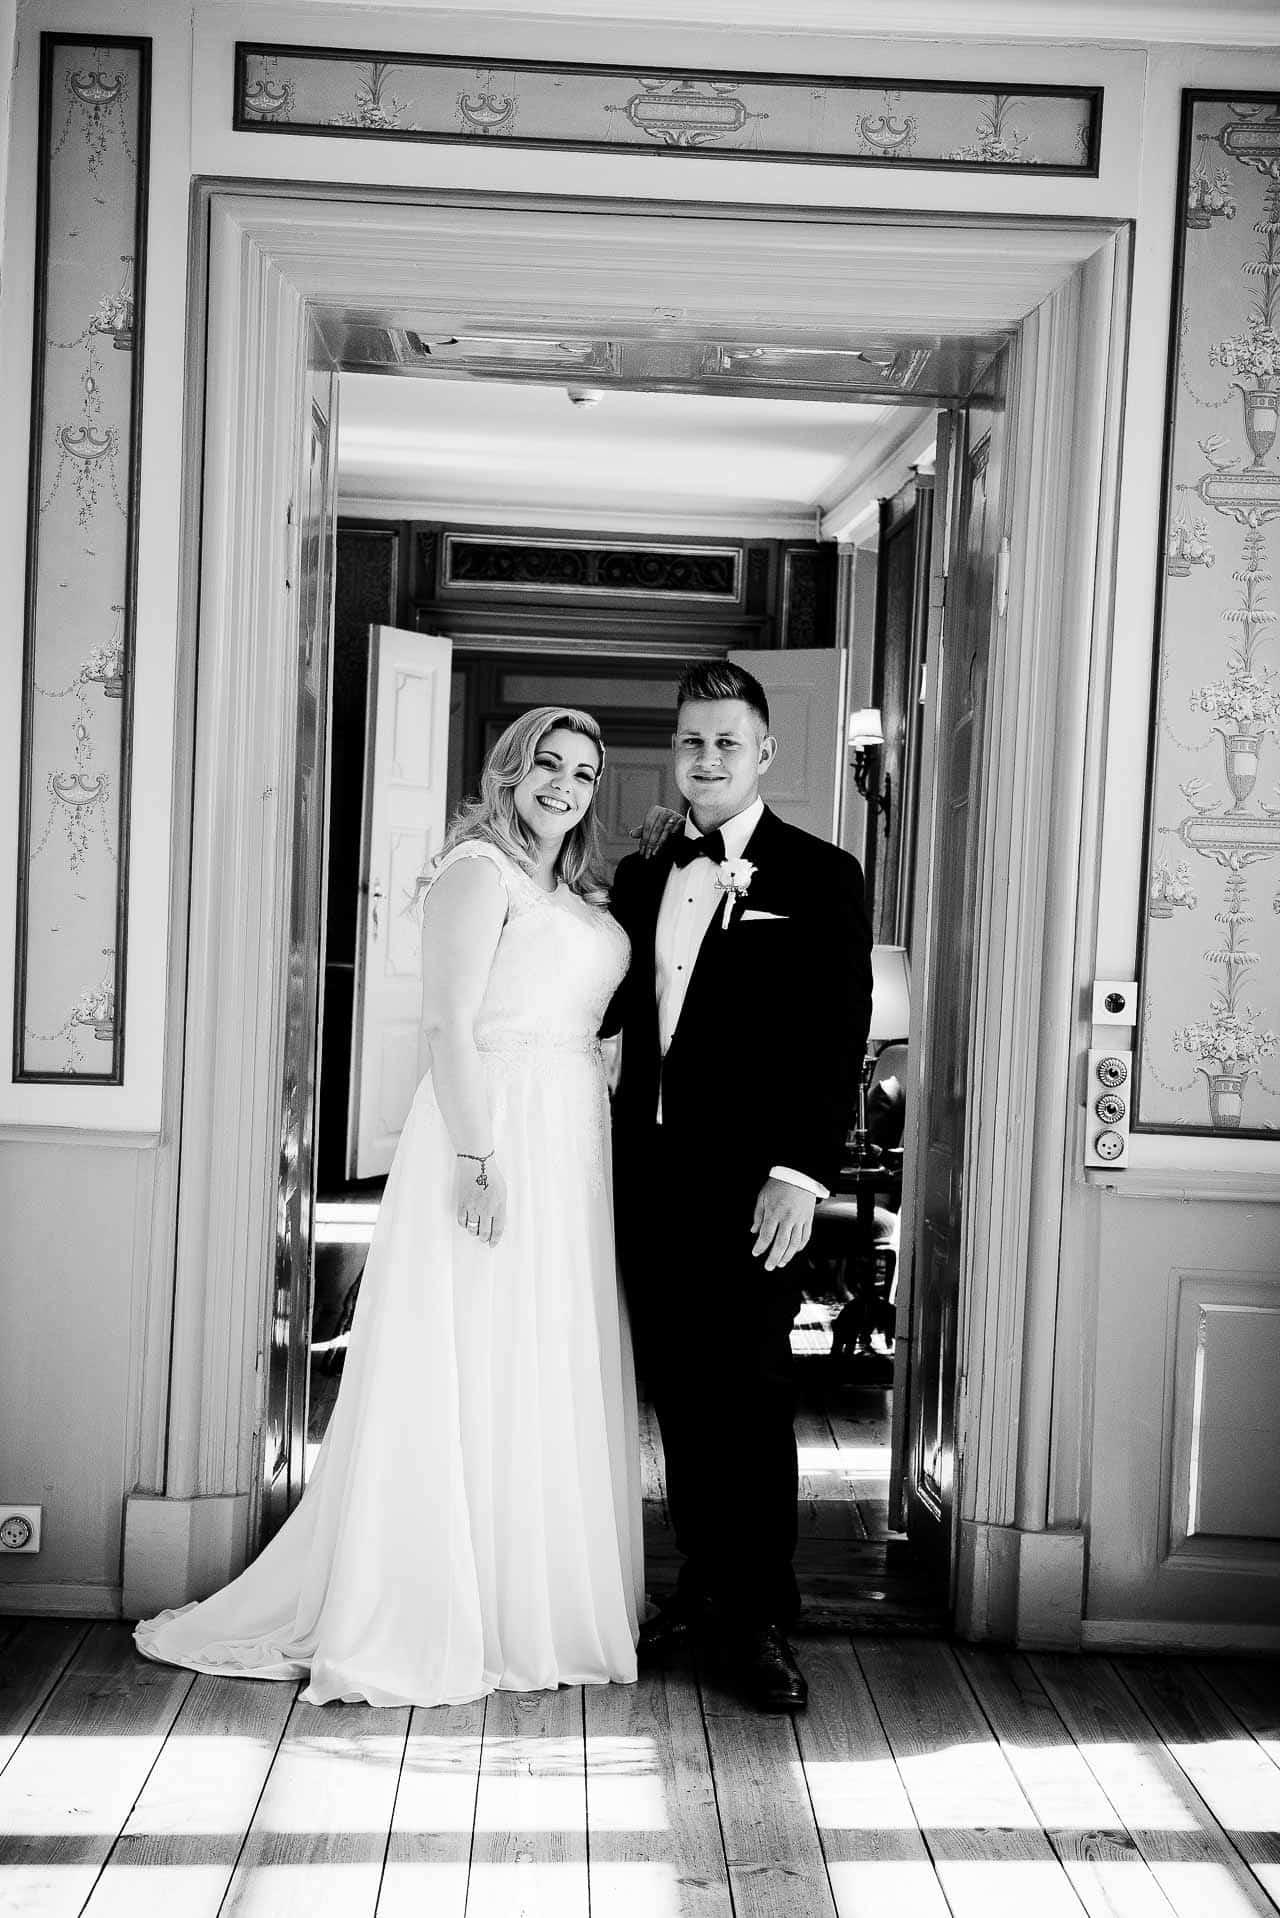 Bryllup Sjælland - konfirmationer, mødelokaler, barnedåb, selskaber, selskabslokaler, festarrangementer, hoteller, mad ud af huset, bryllupper